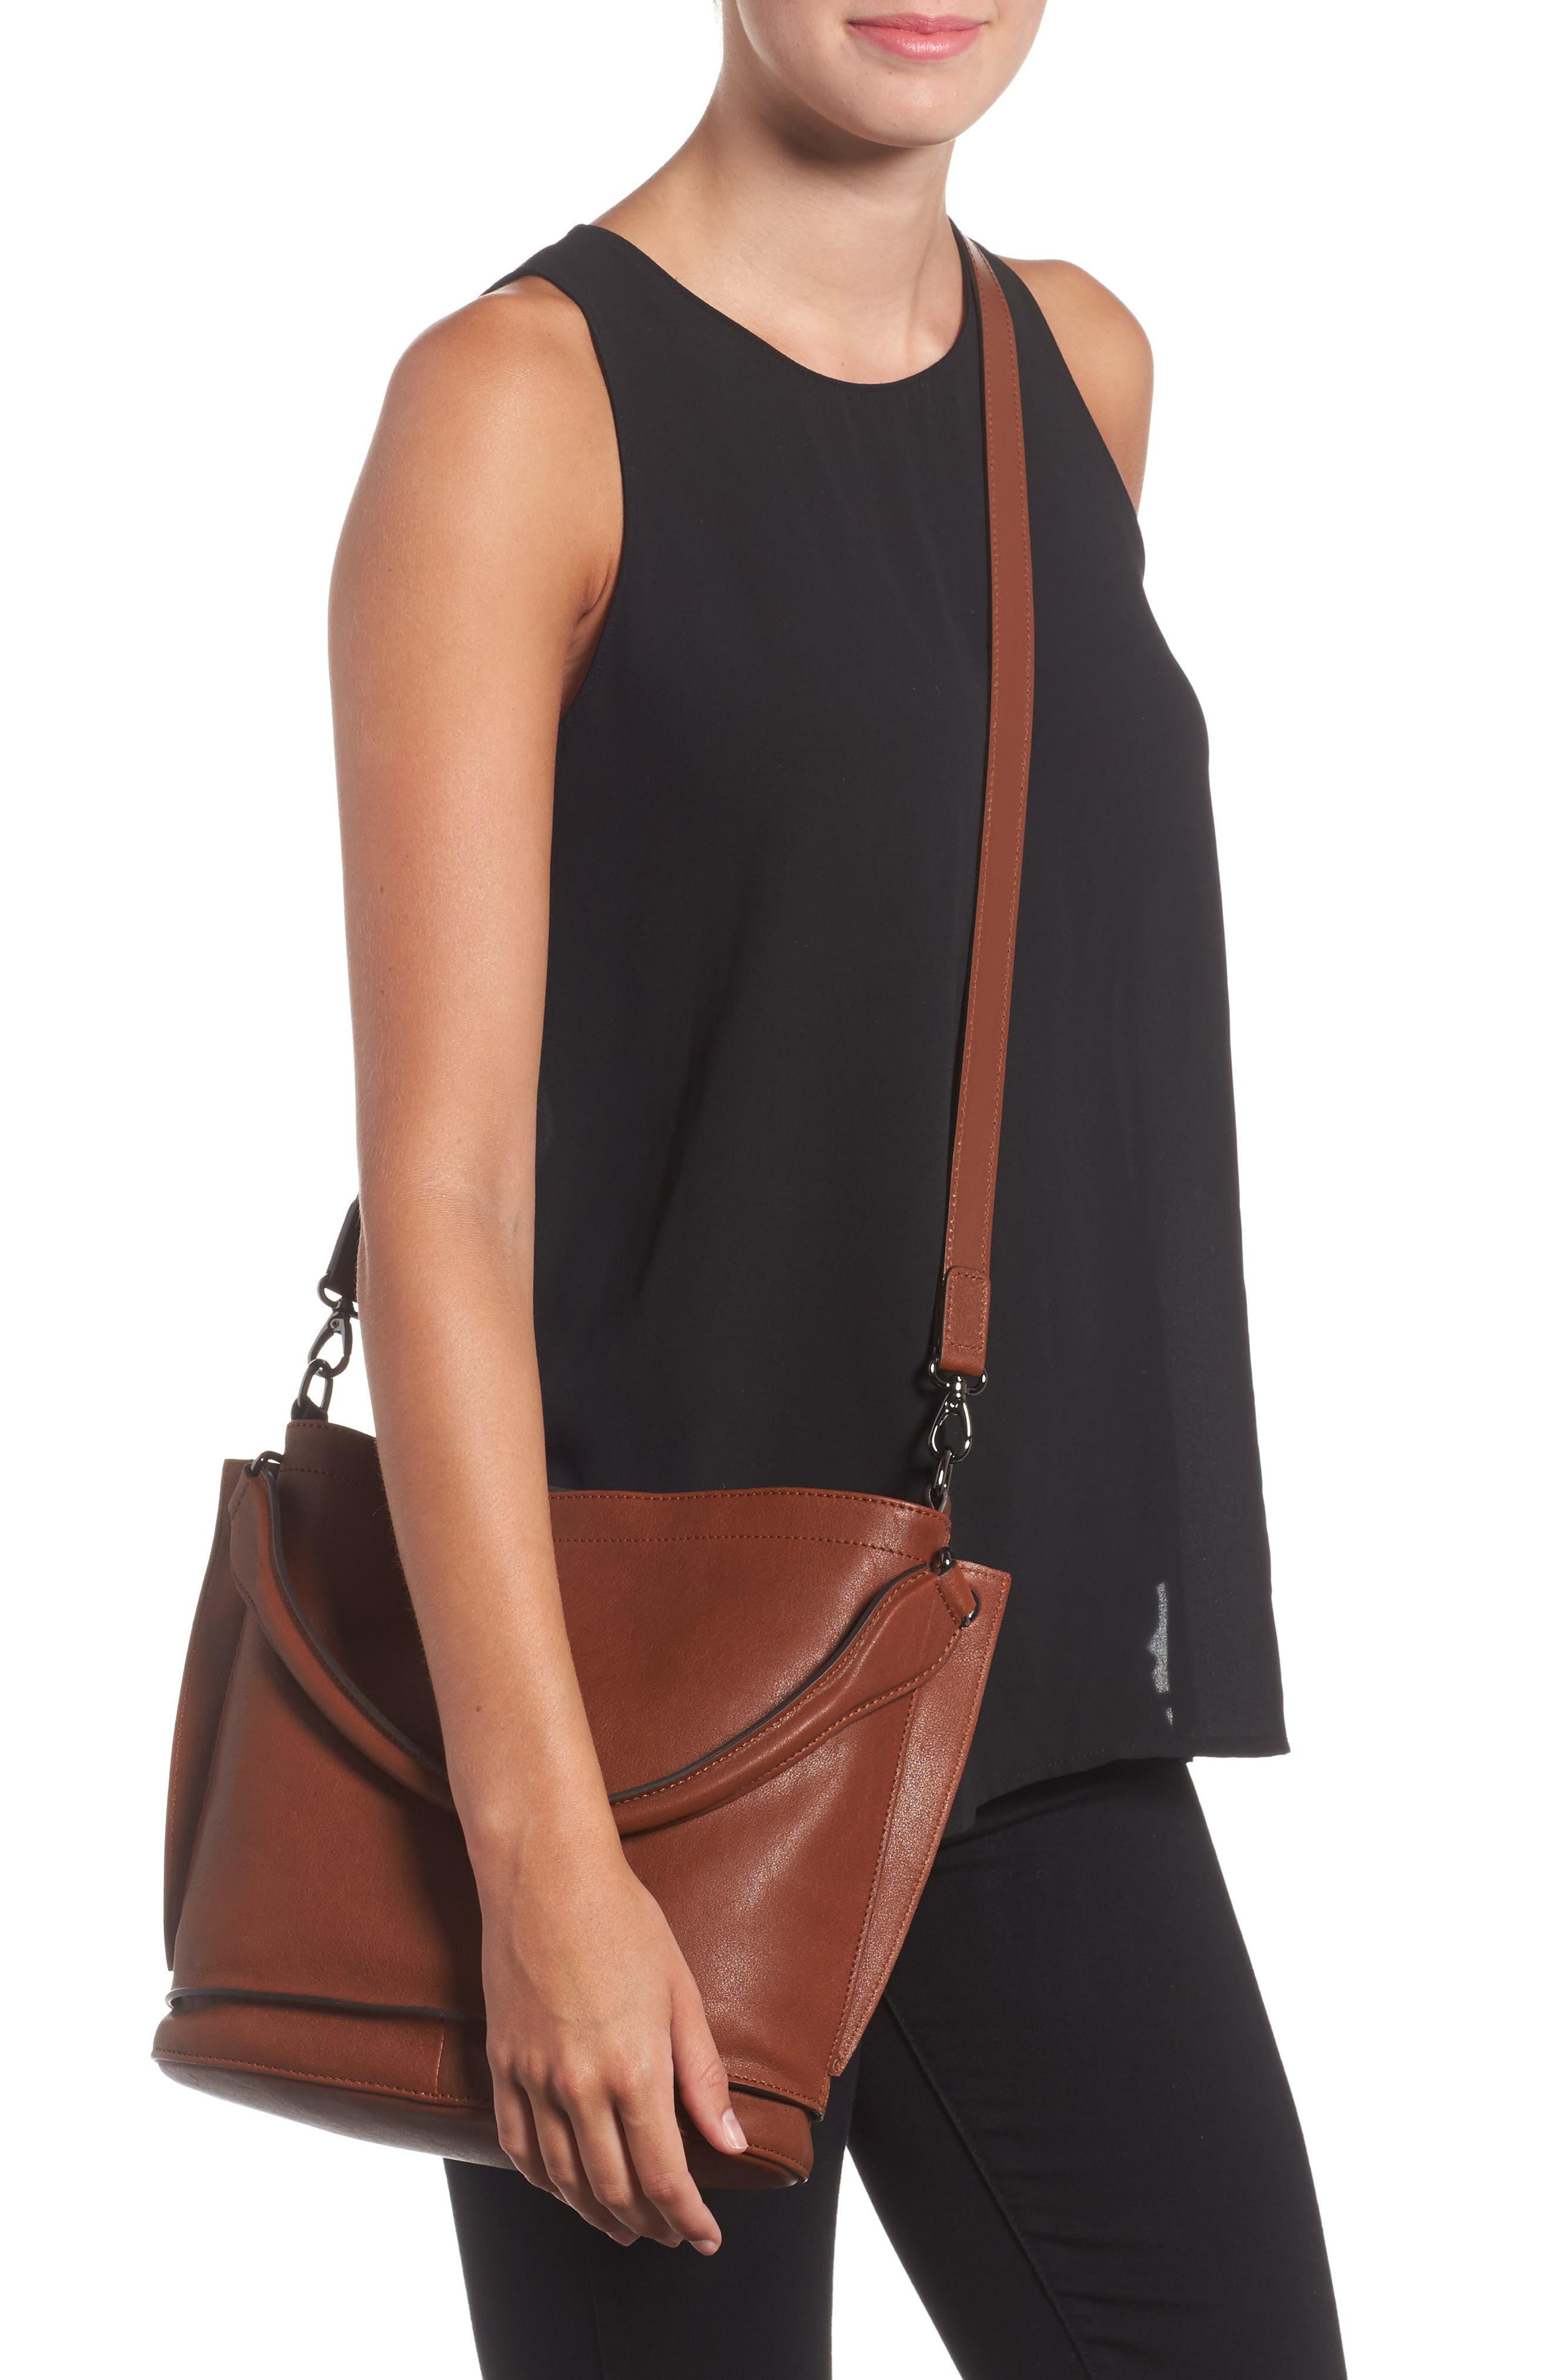 3D Leather Bucket Bag,                             Alternate thumbnail 2, color,                             COGNAC